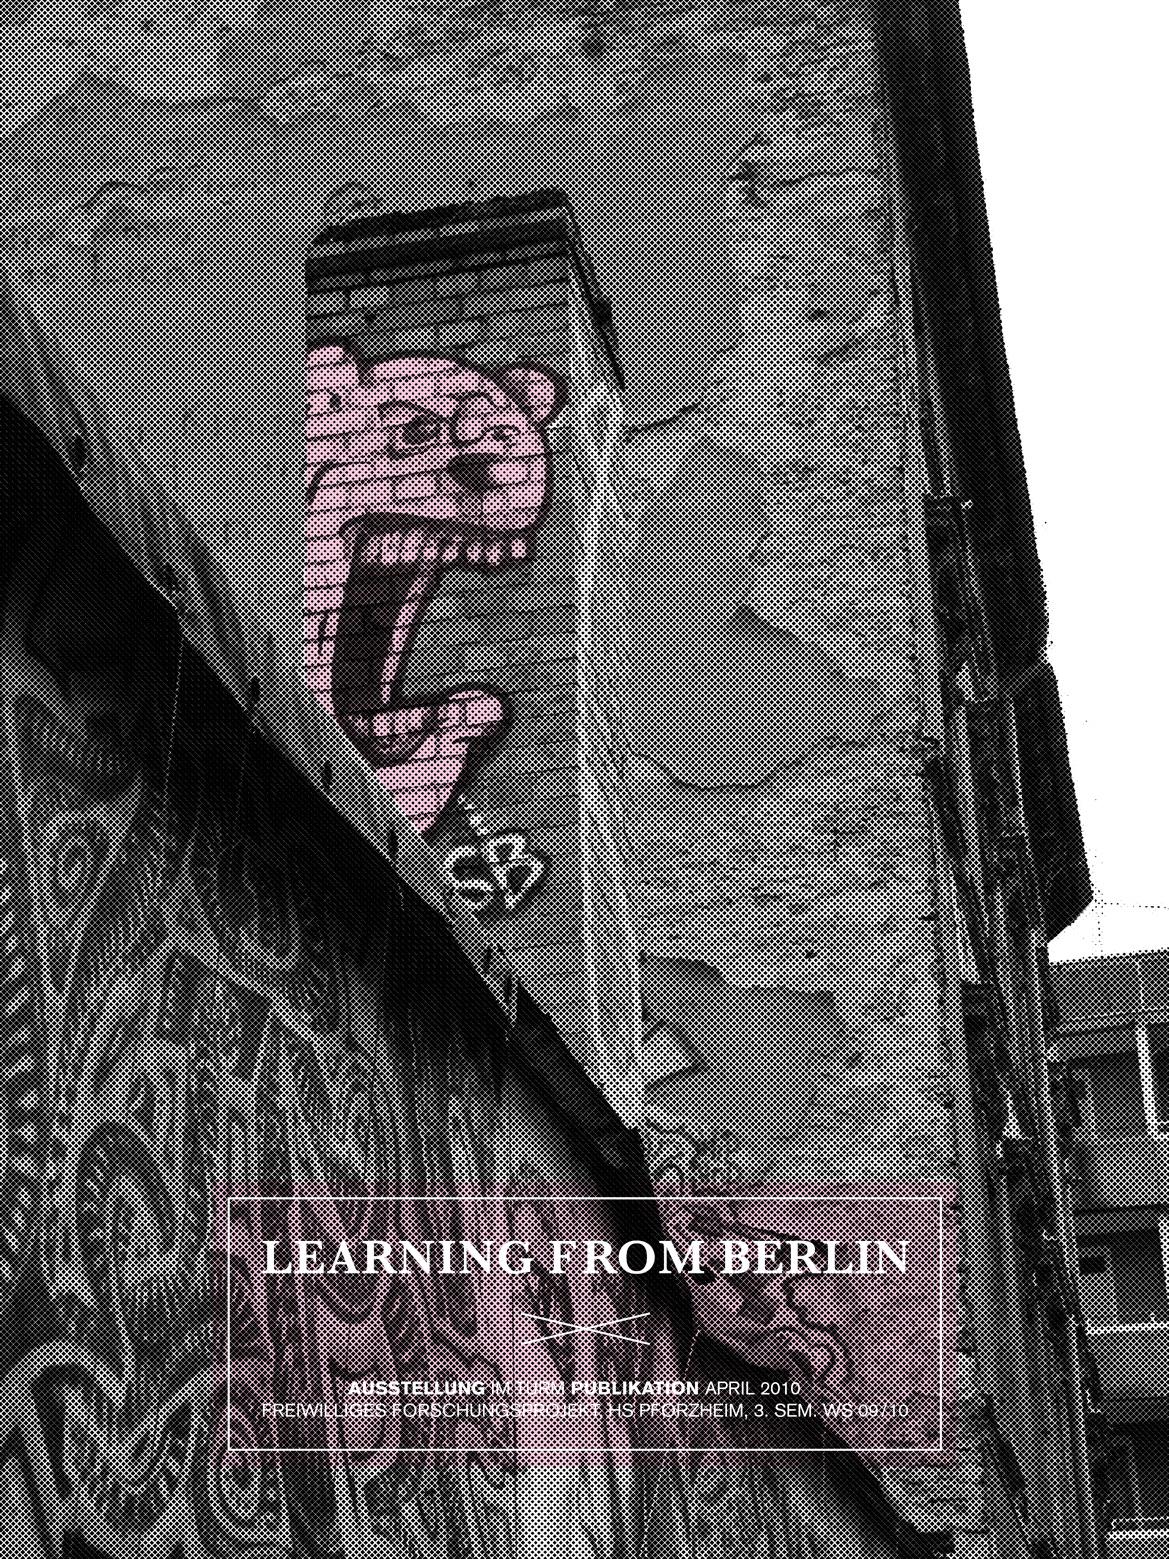 Urban-Manegold-Learning-from-Berlin-Design-Prozess-Magazin-Ausstellung-Plakat-SocialStudies-Gentrifikation-LFB-plakat4